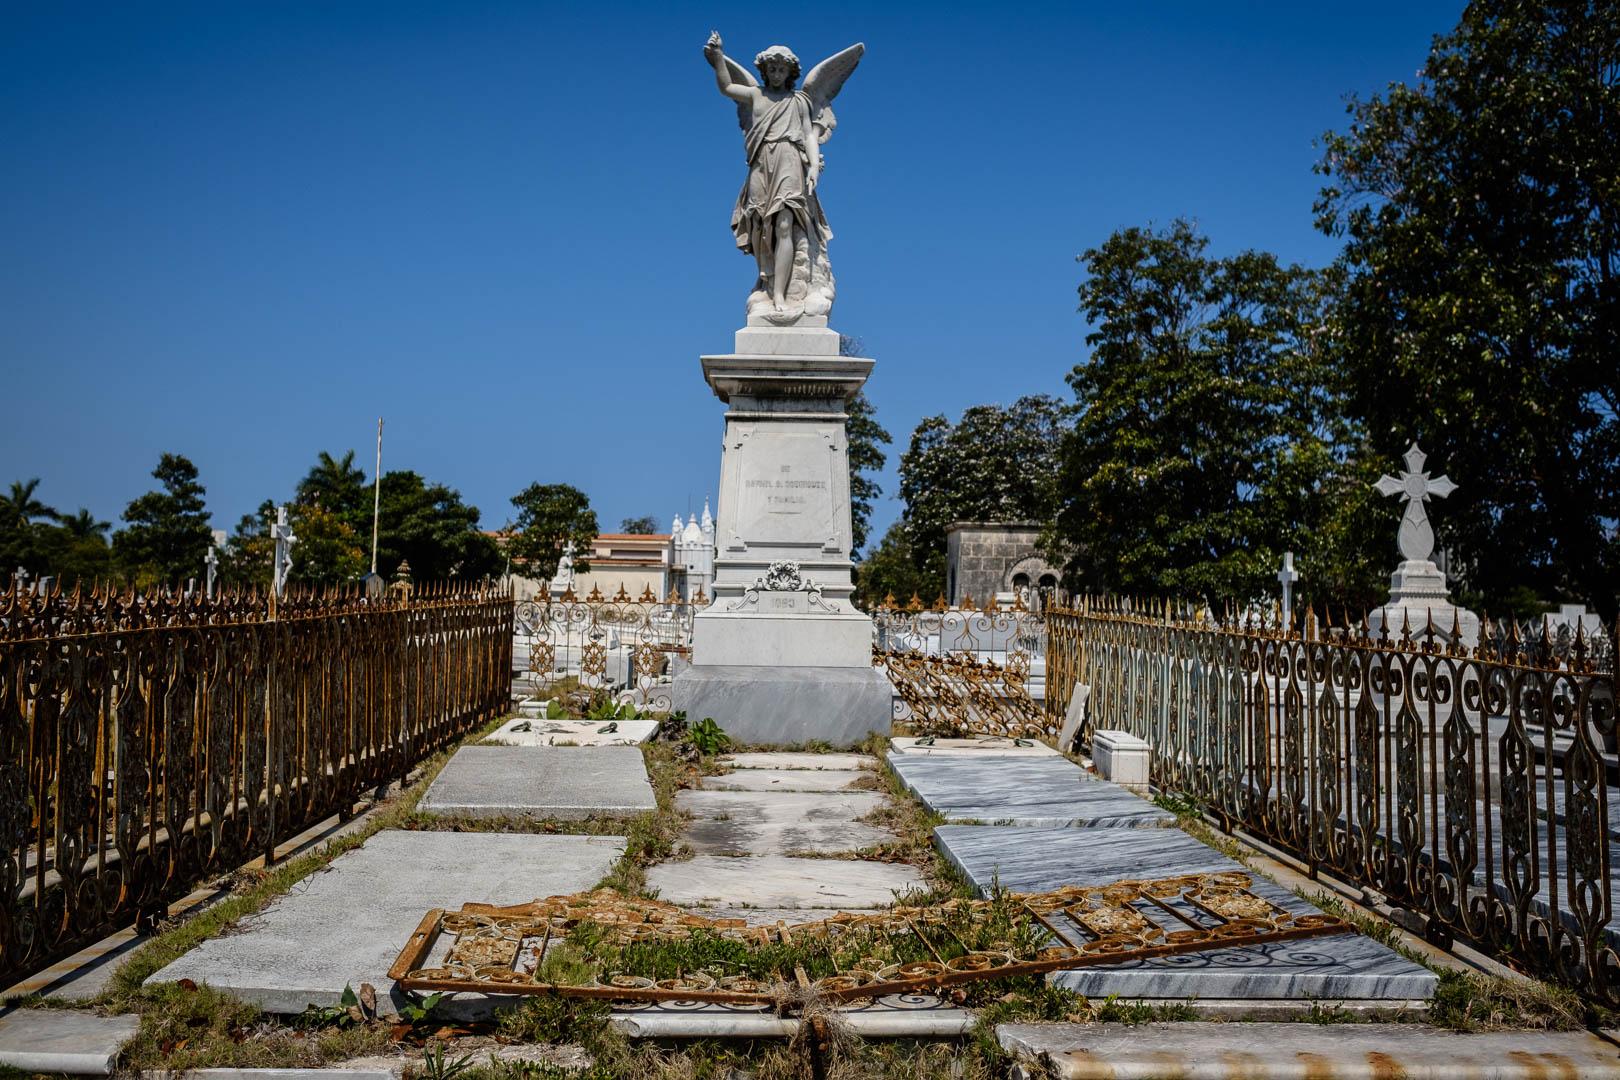 180501-Havana-67-1080.jpg